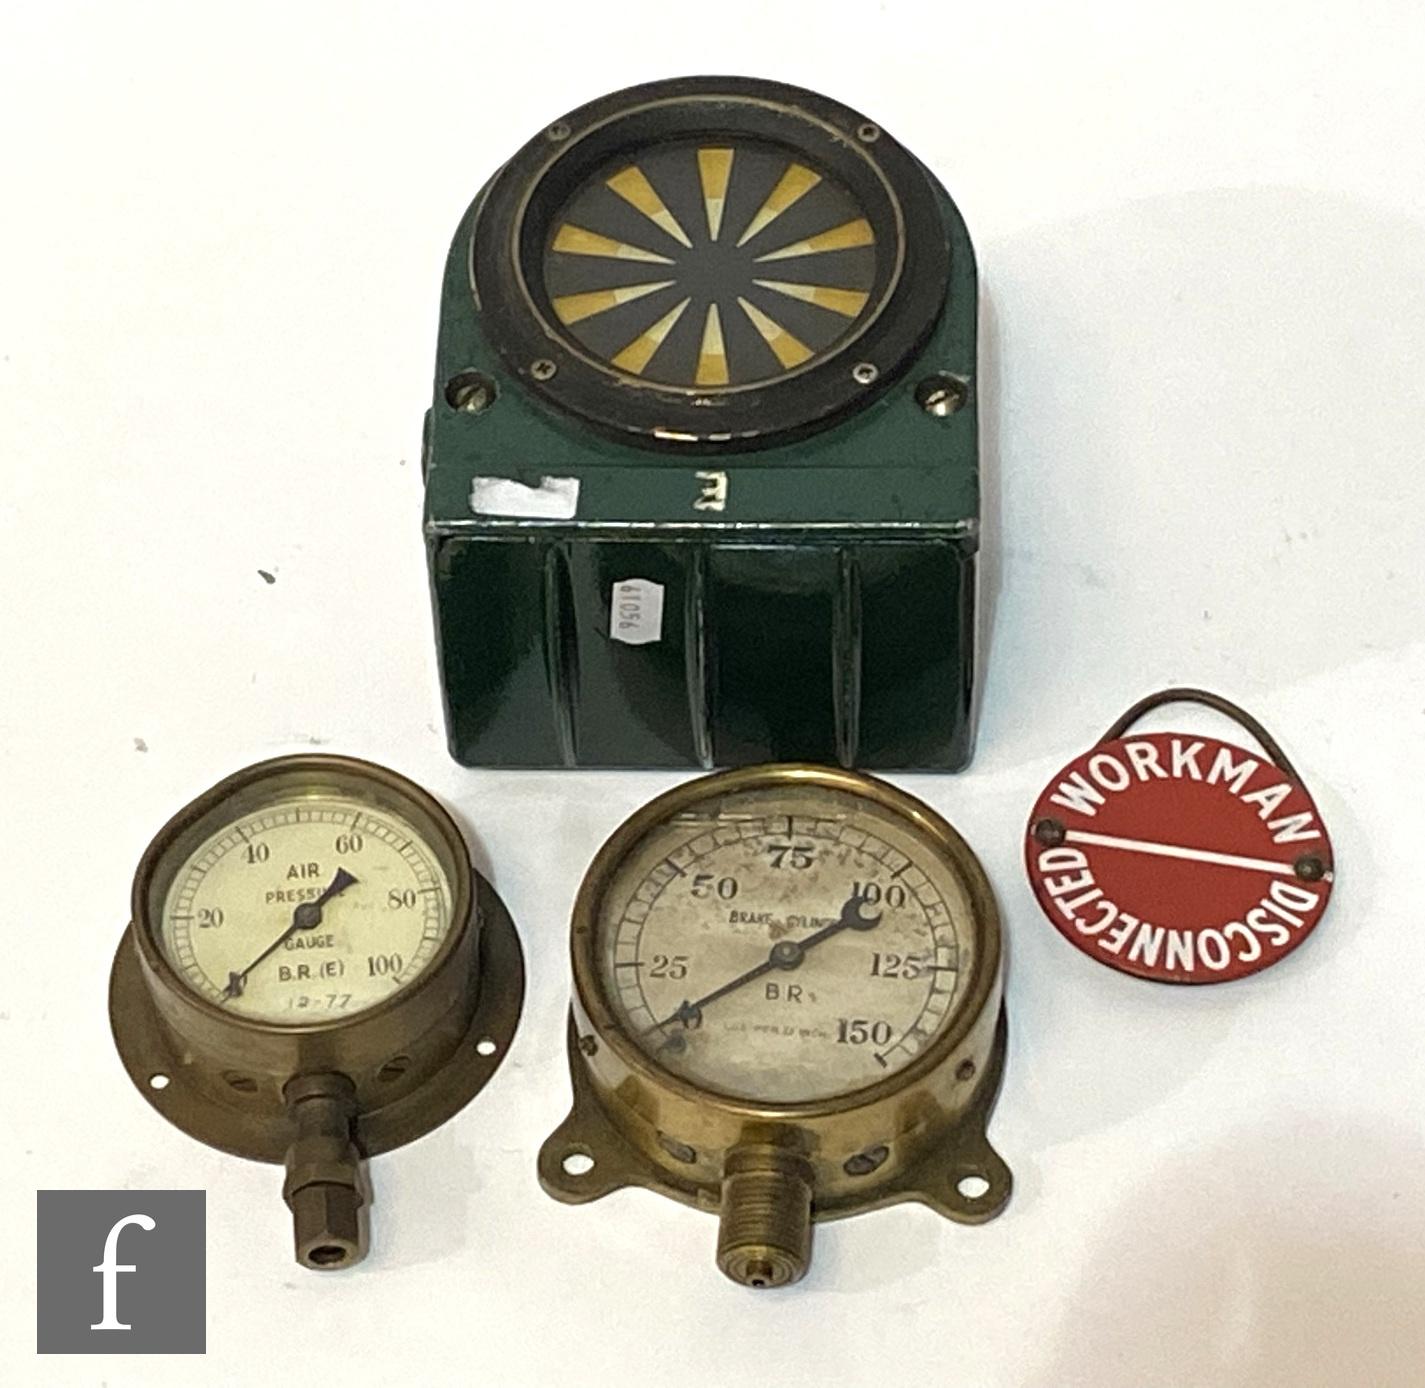 An AWS indicator painted green, height 15cm, a brass brake cylinder gauge, diameter 9cm, a BR (E)